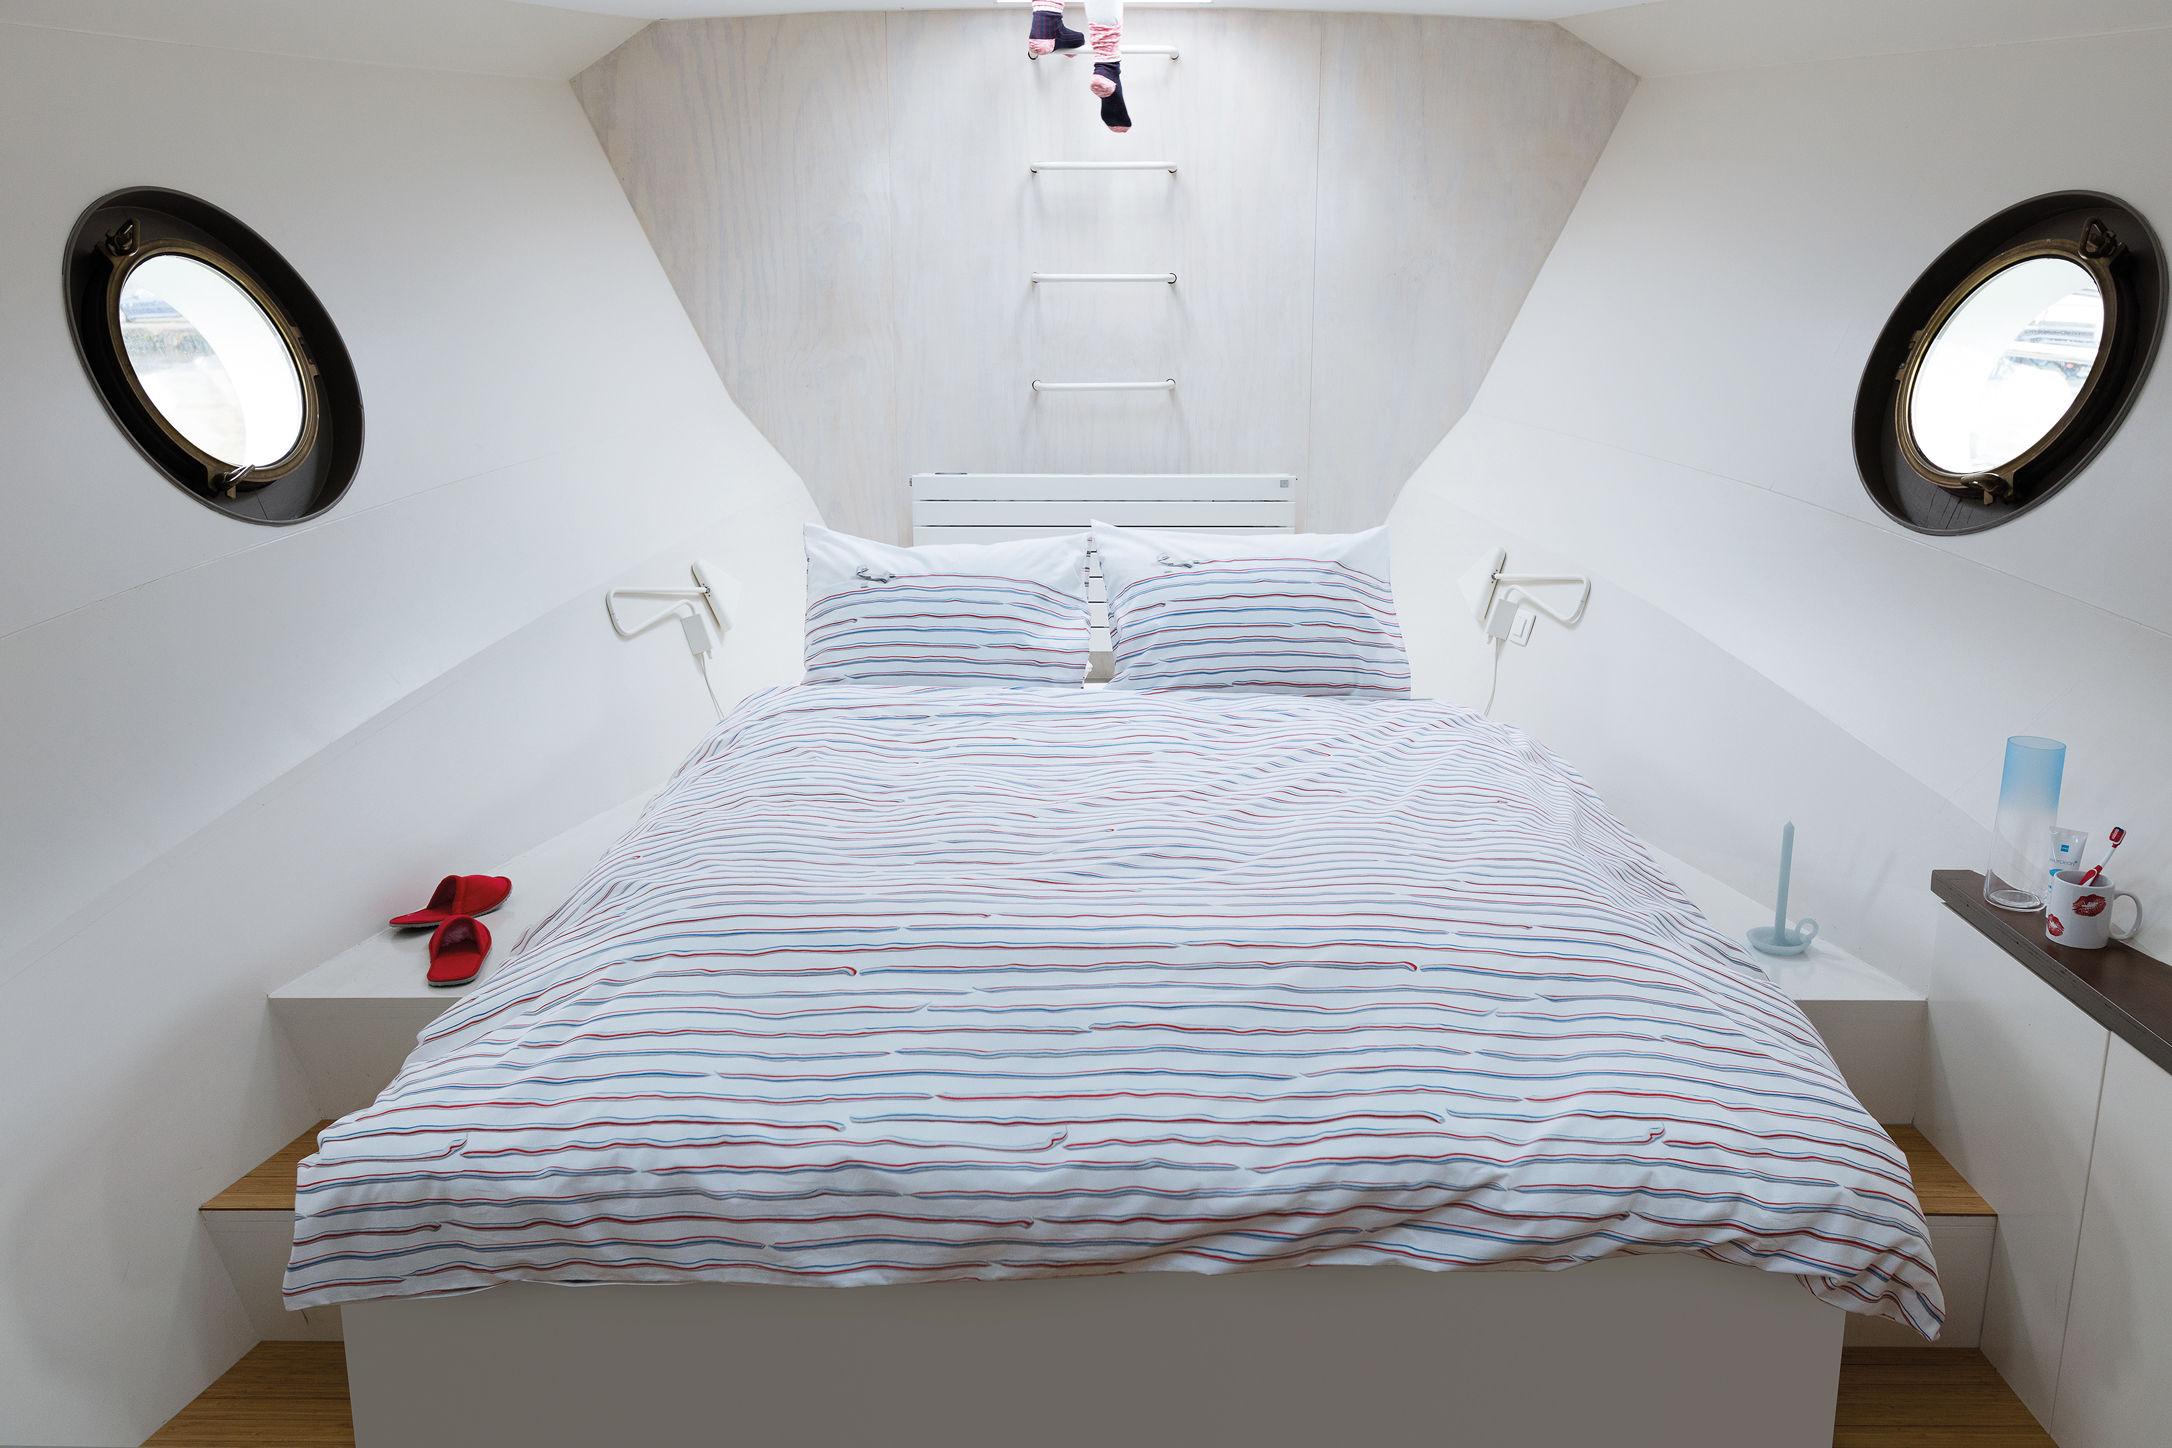 dentifrice bettw sche set f r 2 personen 3 teilig f r 2 personen 240 x 220 cm zahnpasta. Black Bedroom Furniture Sets. Home Design Ideas